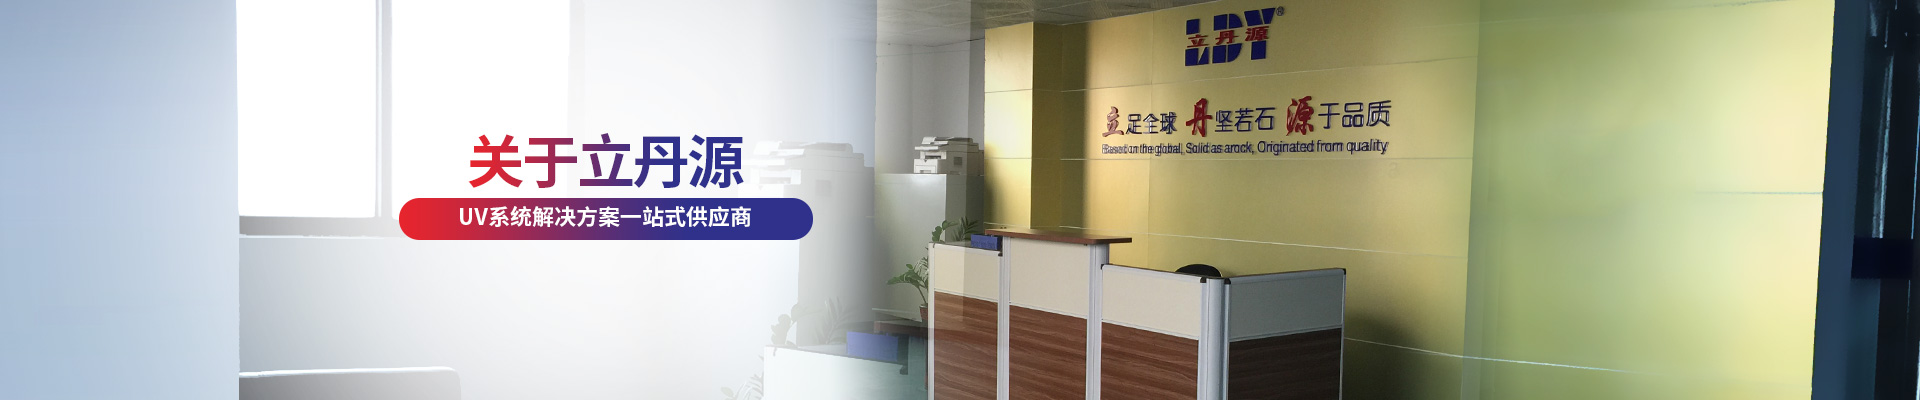 立丹源-UV系统解决方案一站式供应商